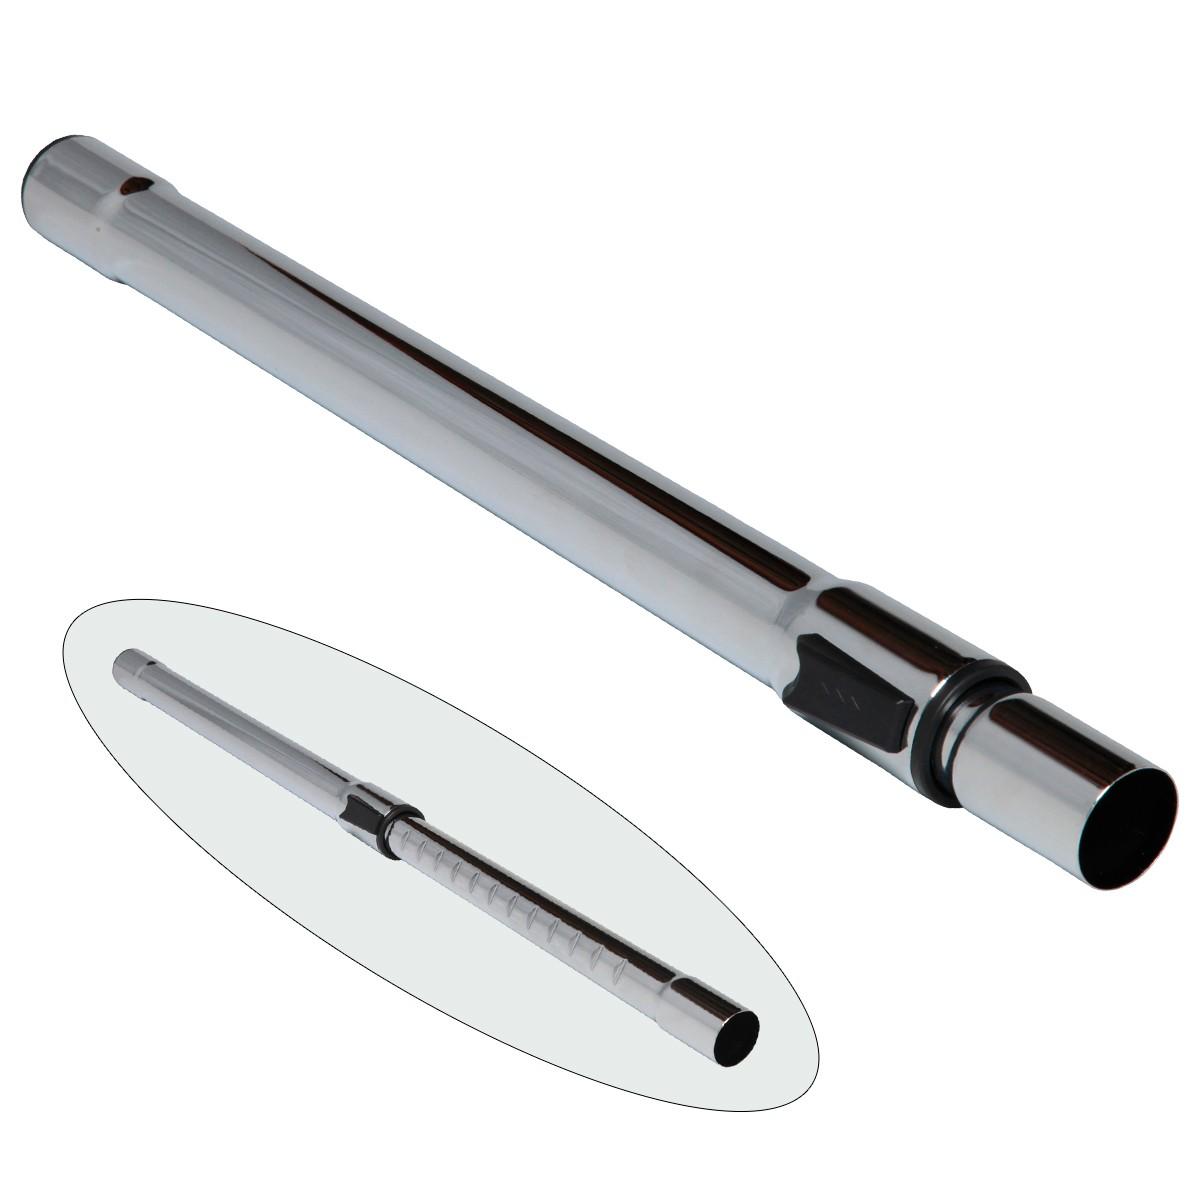 Prolongador Extensível 32mm Original Wap para Aspiradores de pó